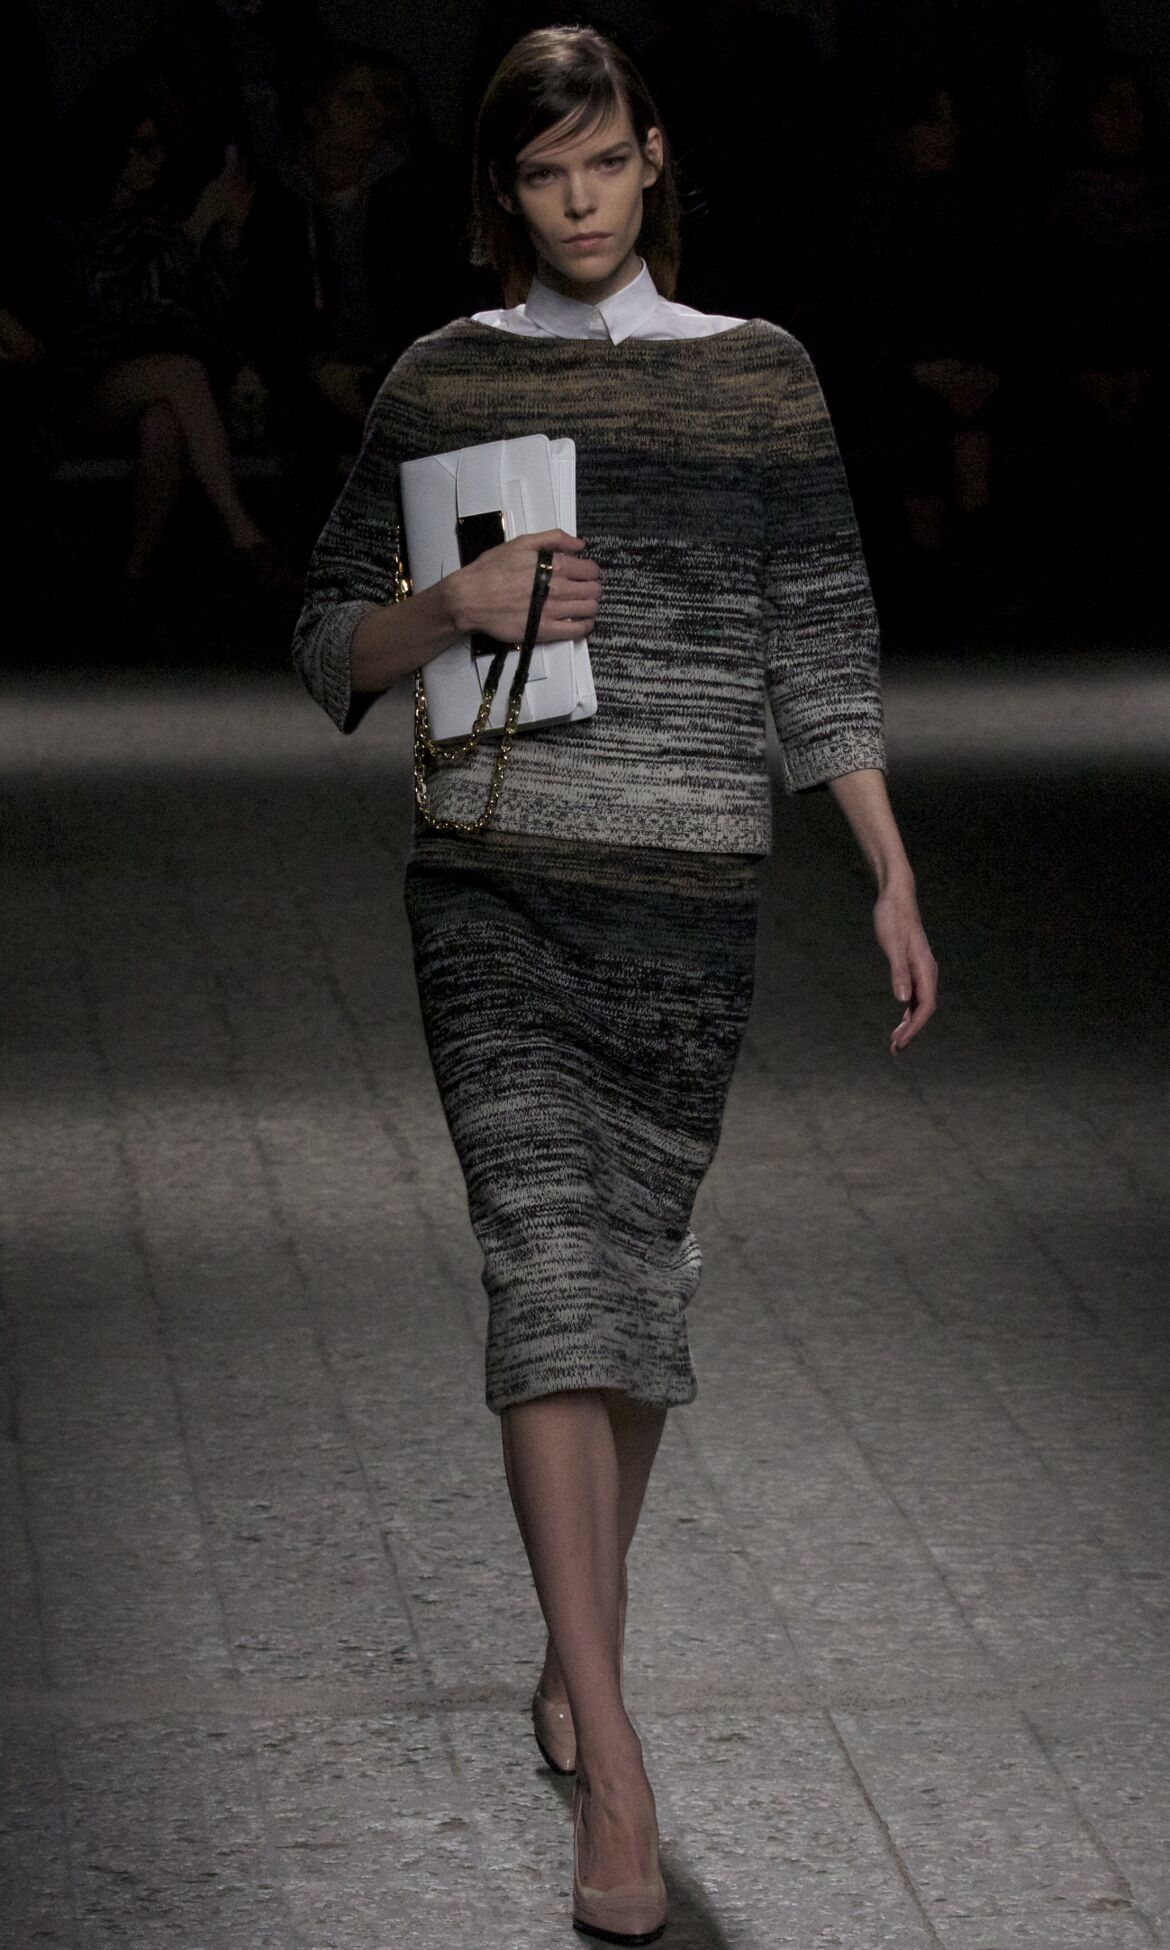 Winter Model Trends 2013 Woman N°21